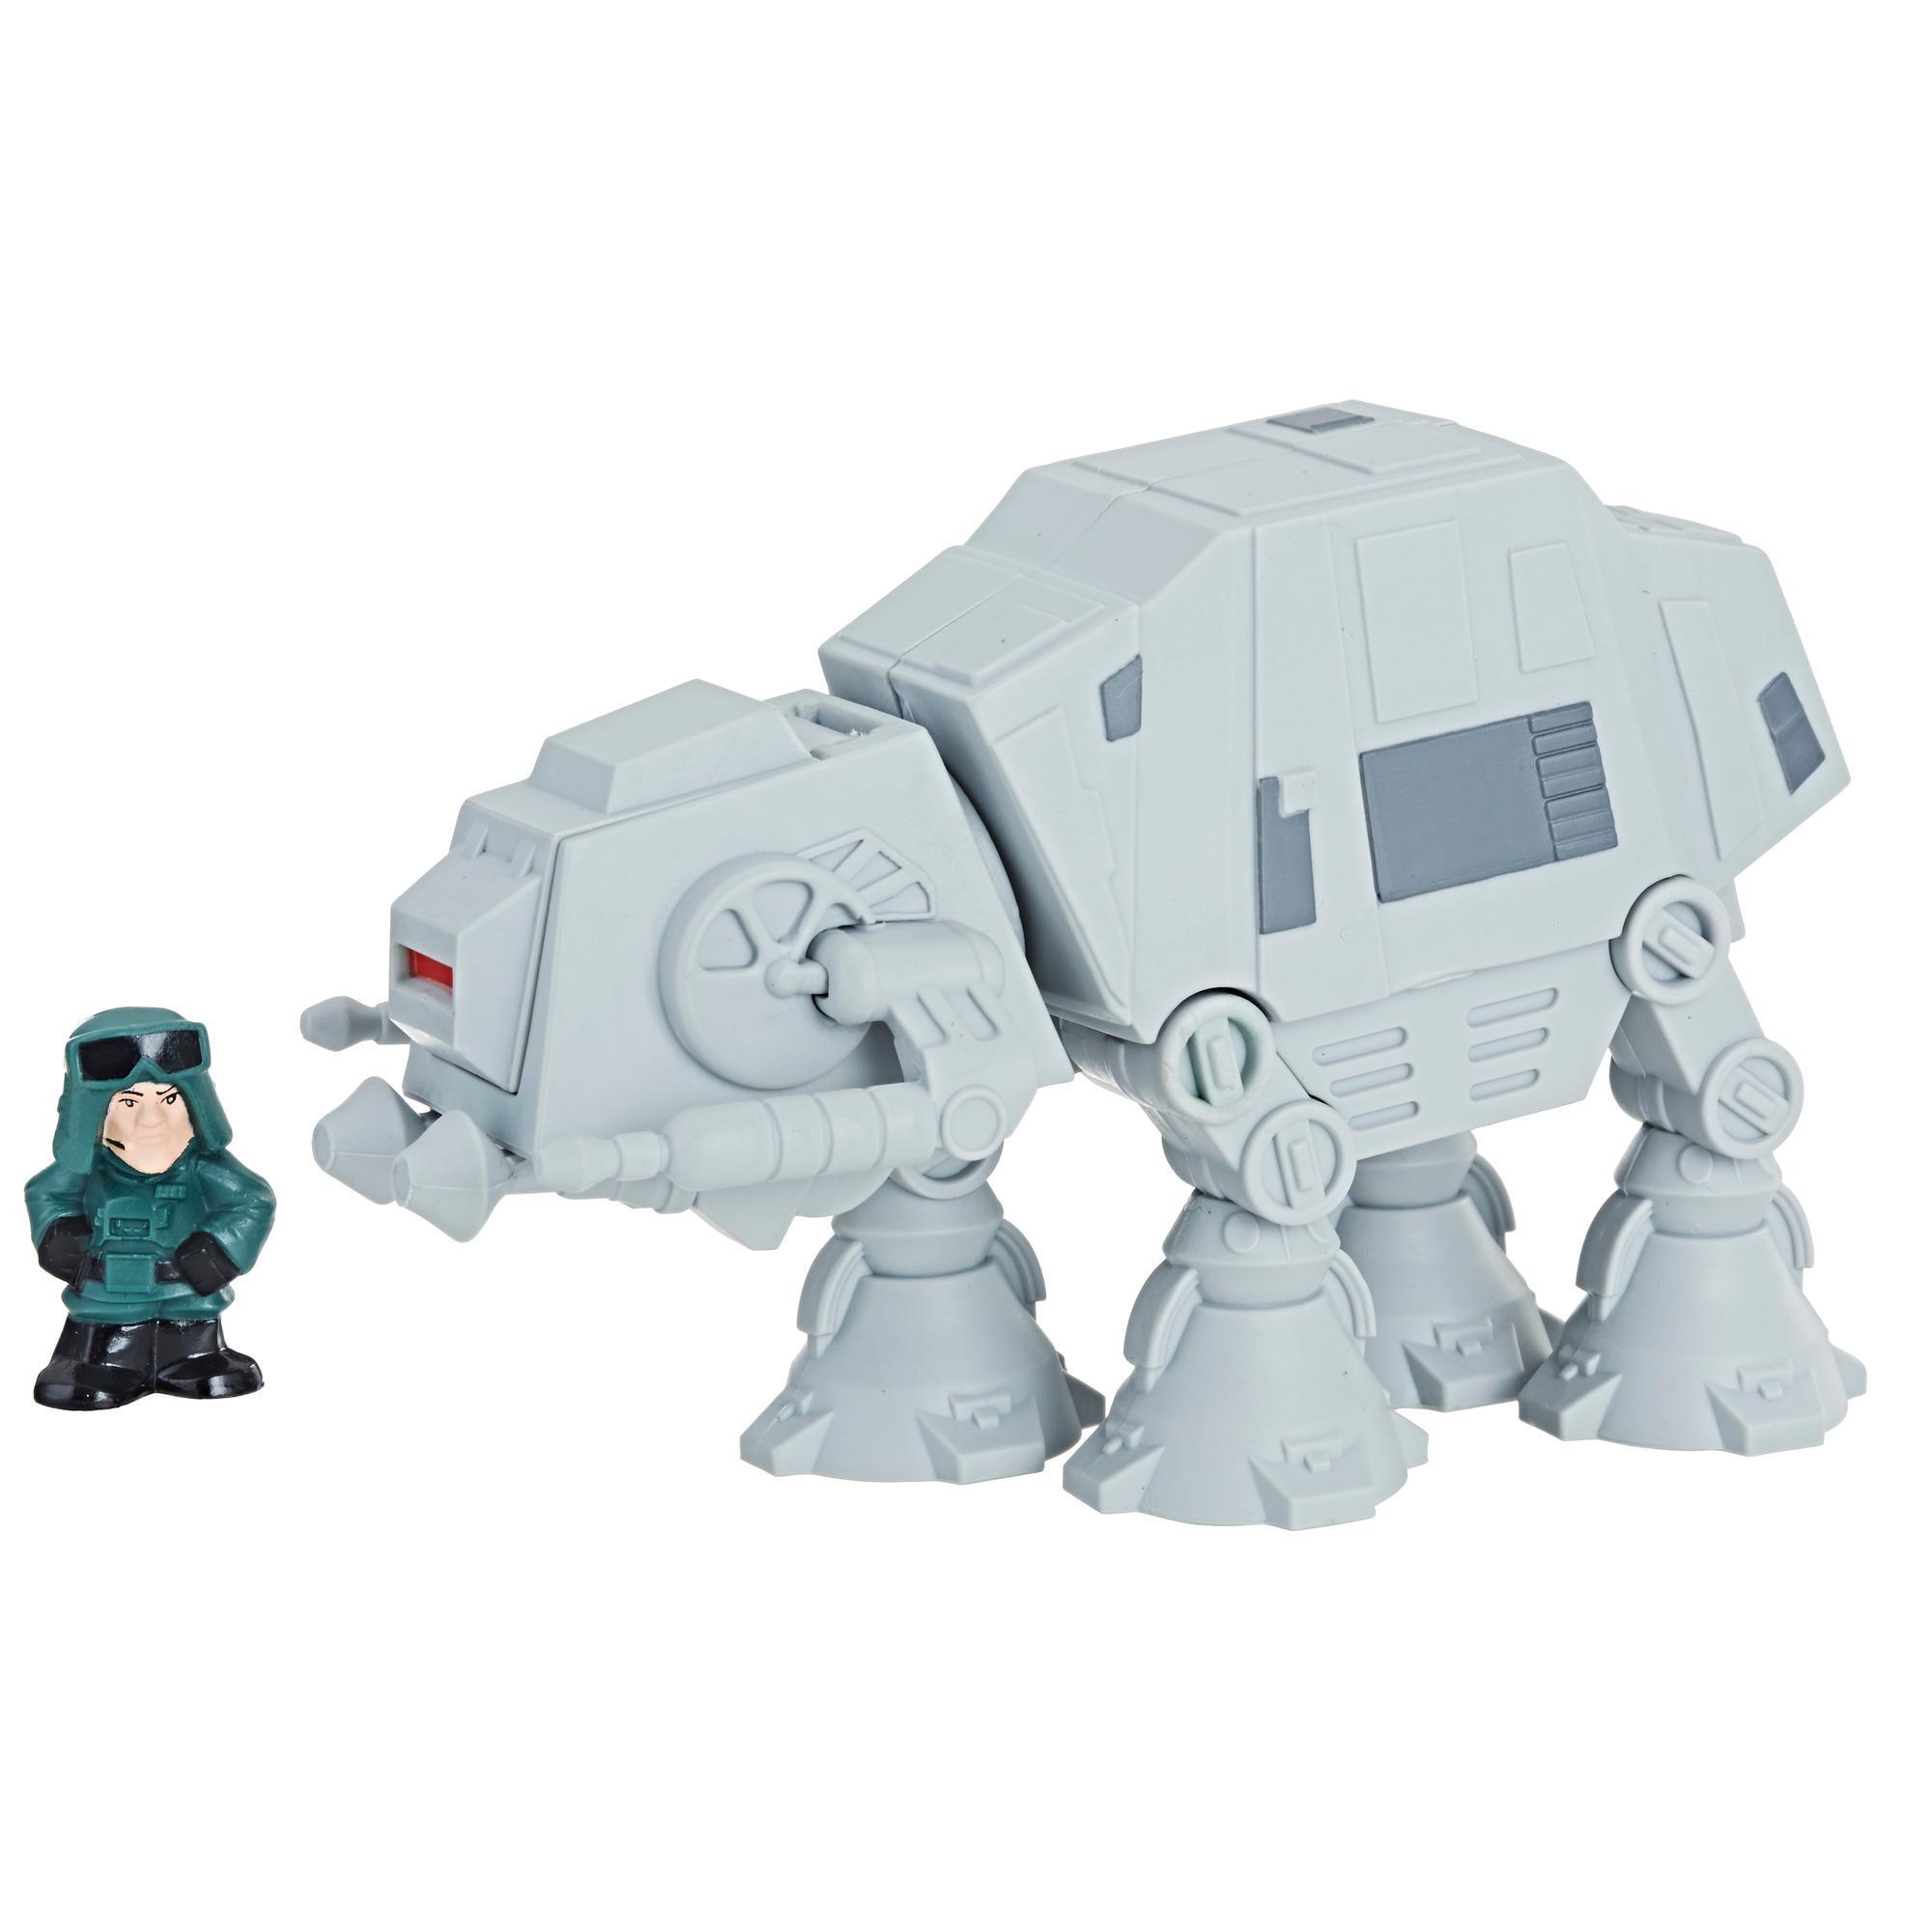 Star Wars Micro Force AT-AT Walker & AT-AT Commander Pack